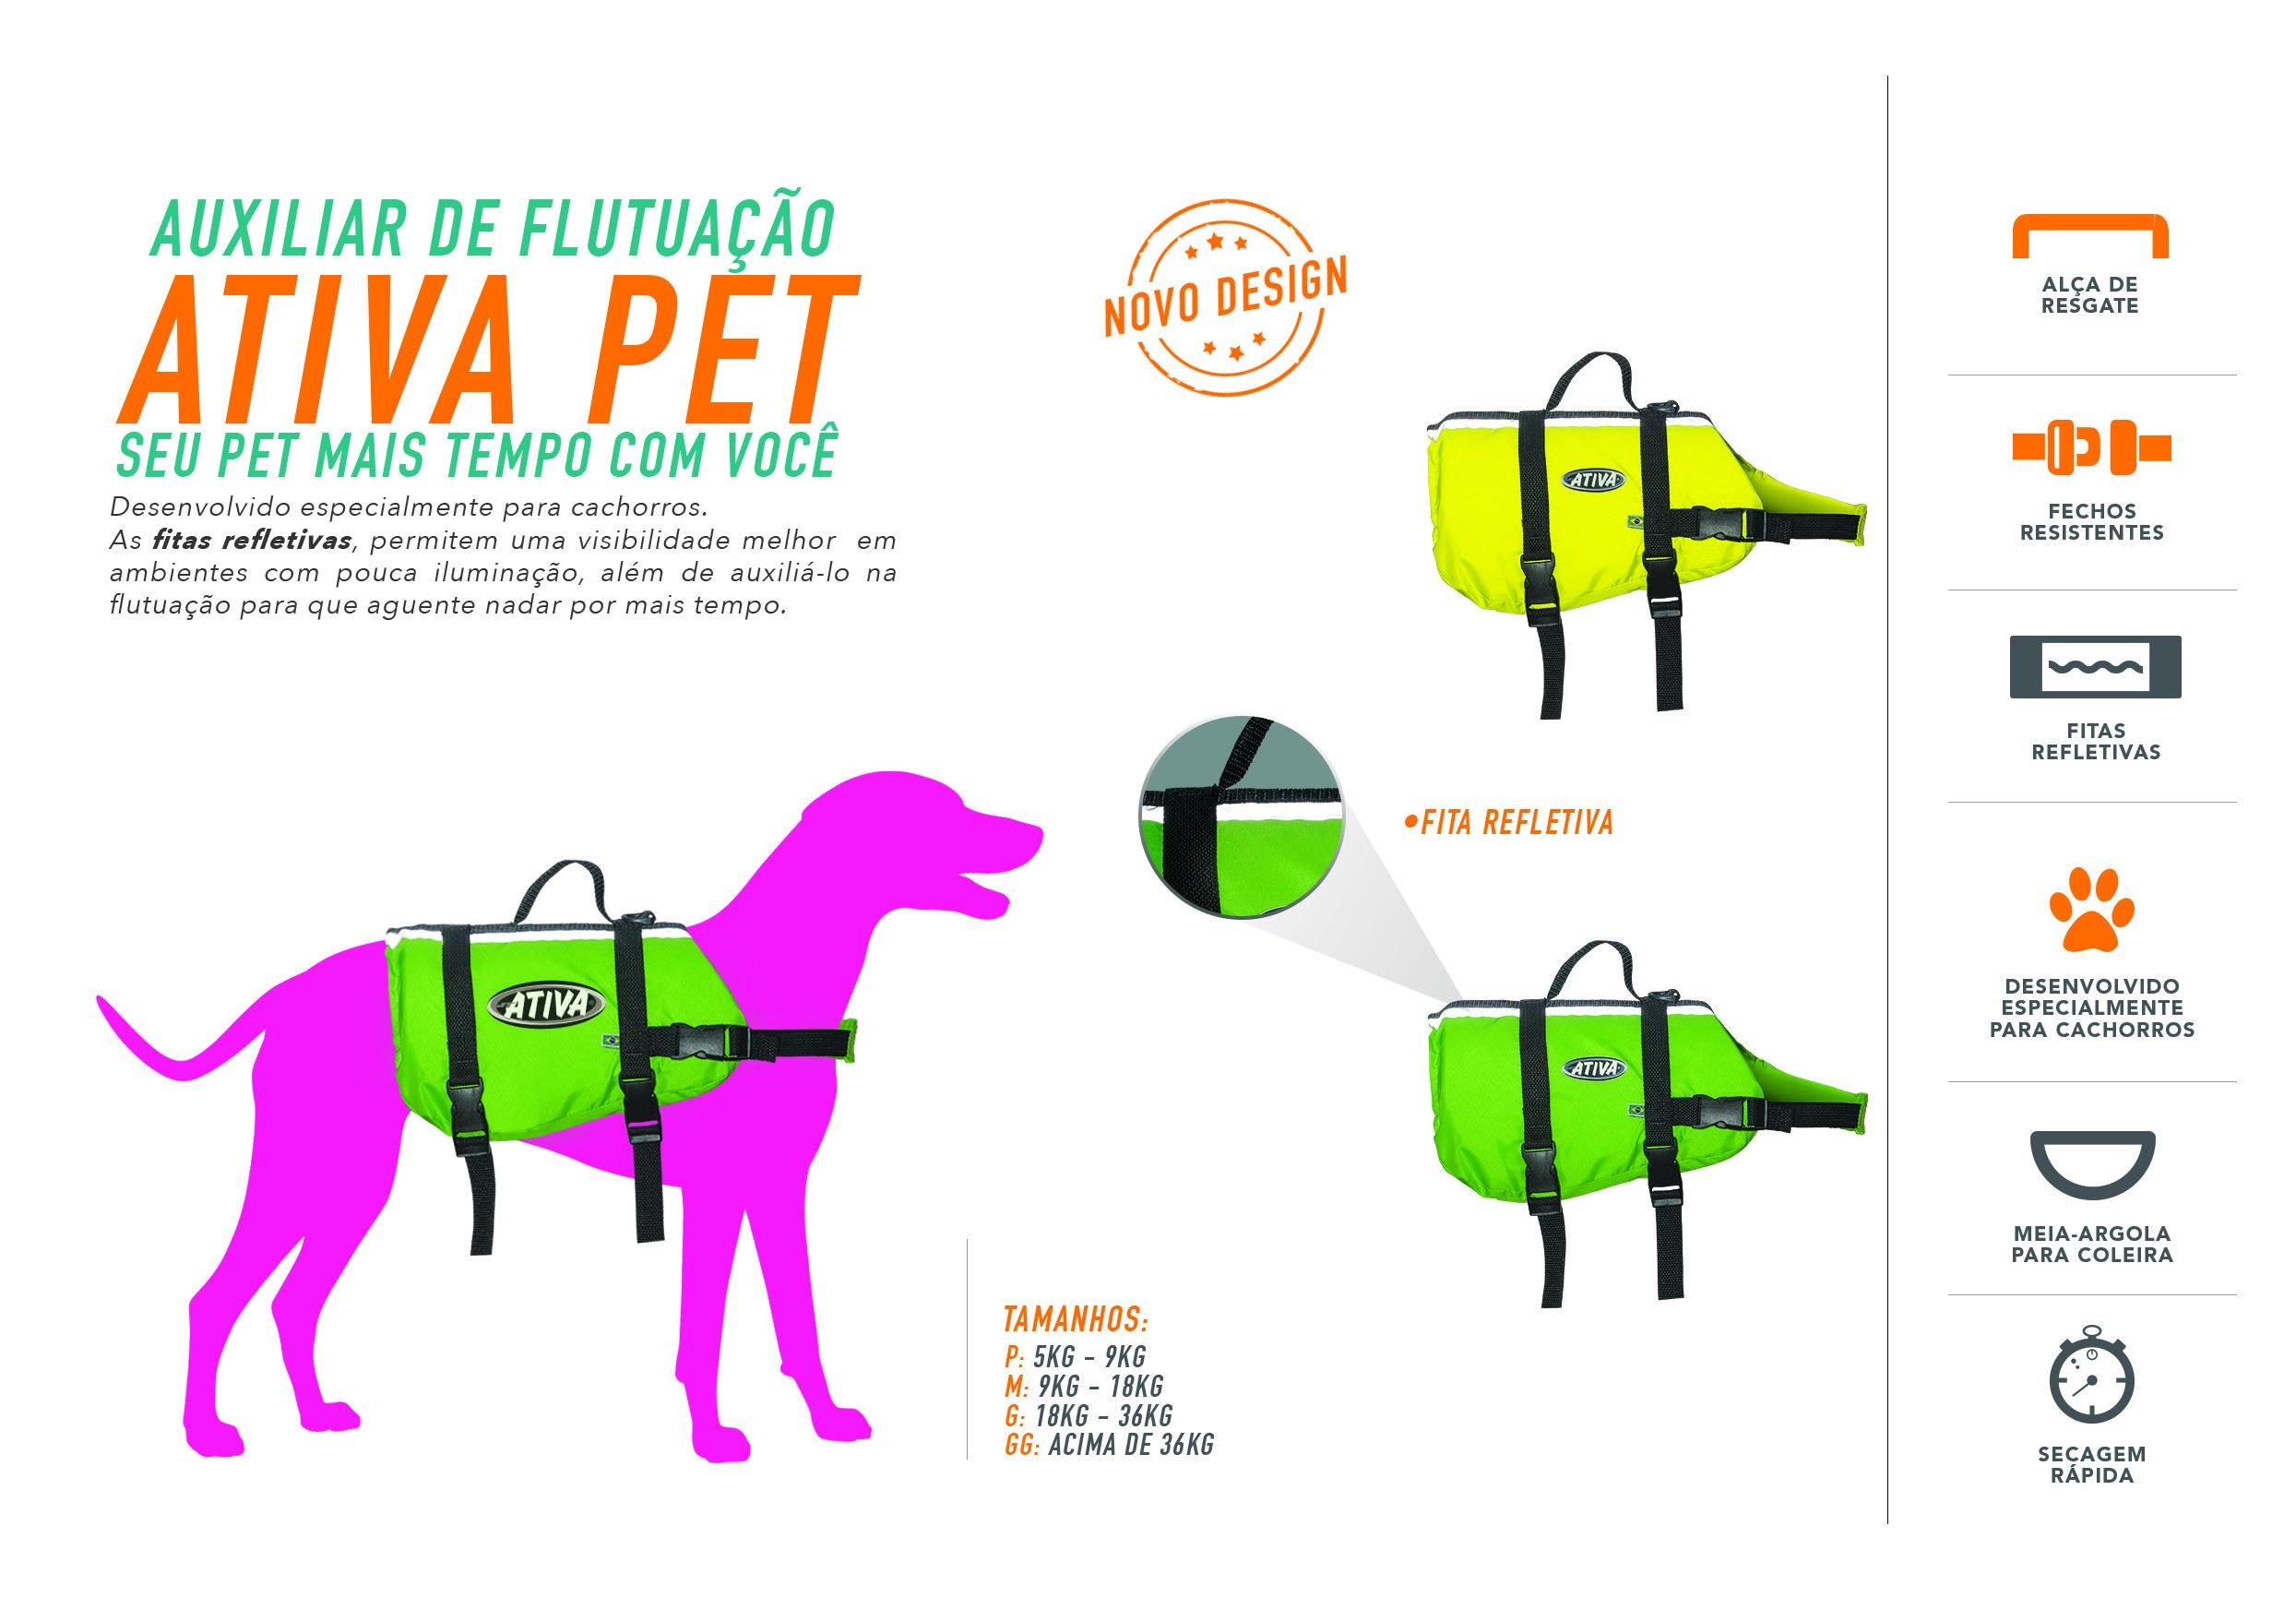 Ativa Pet